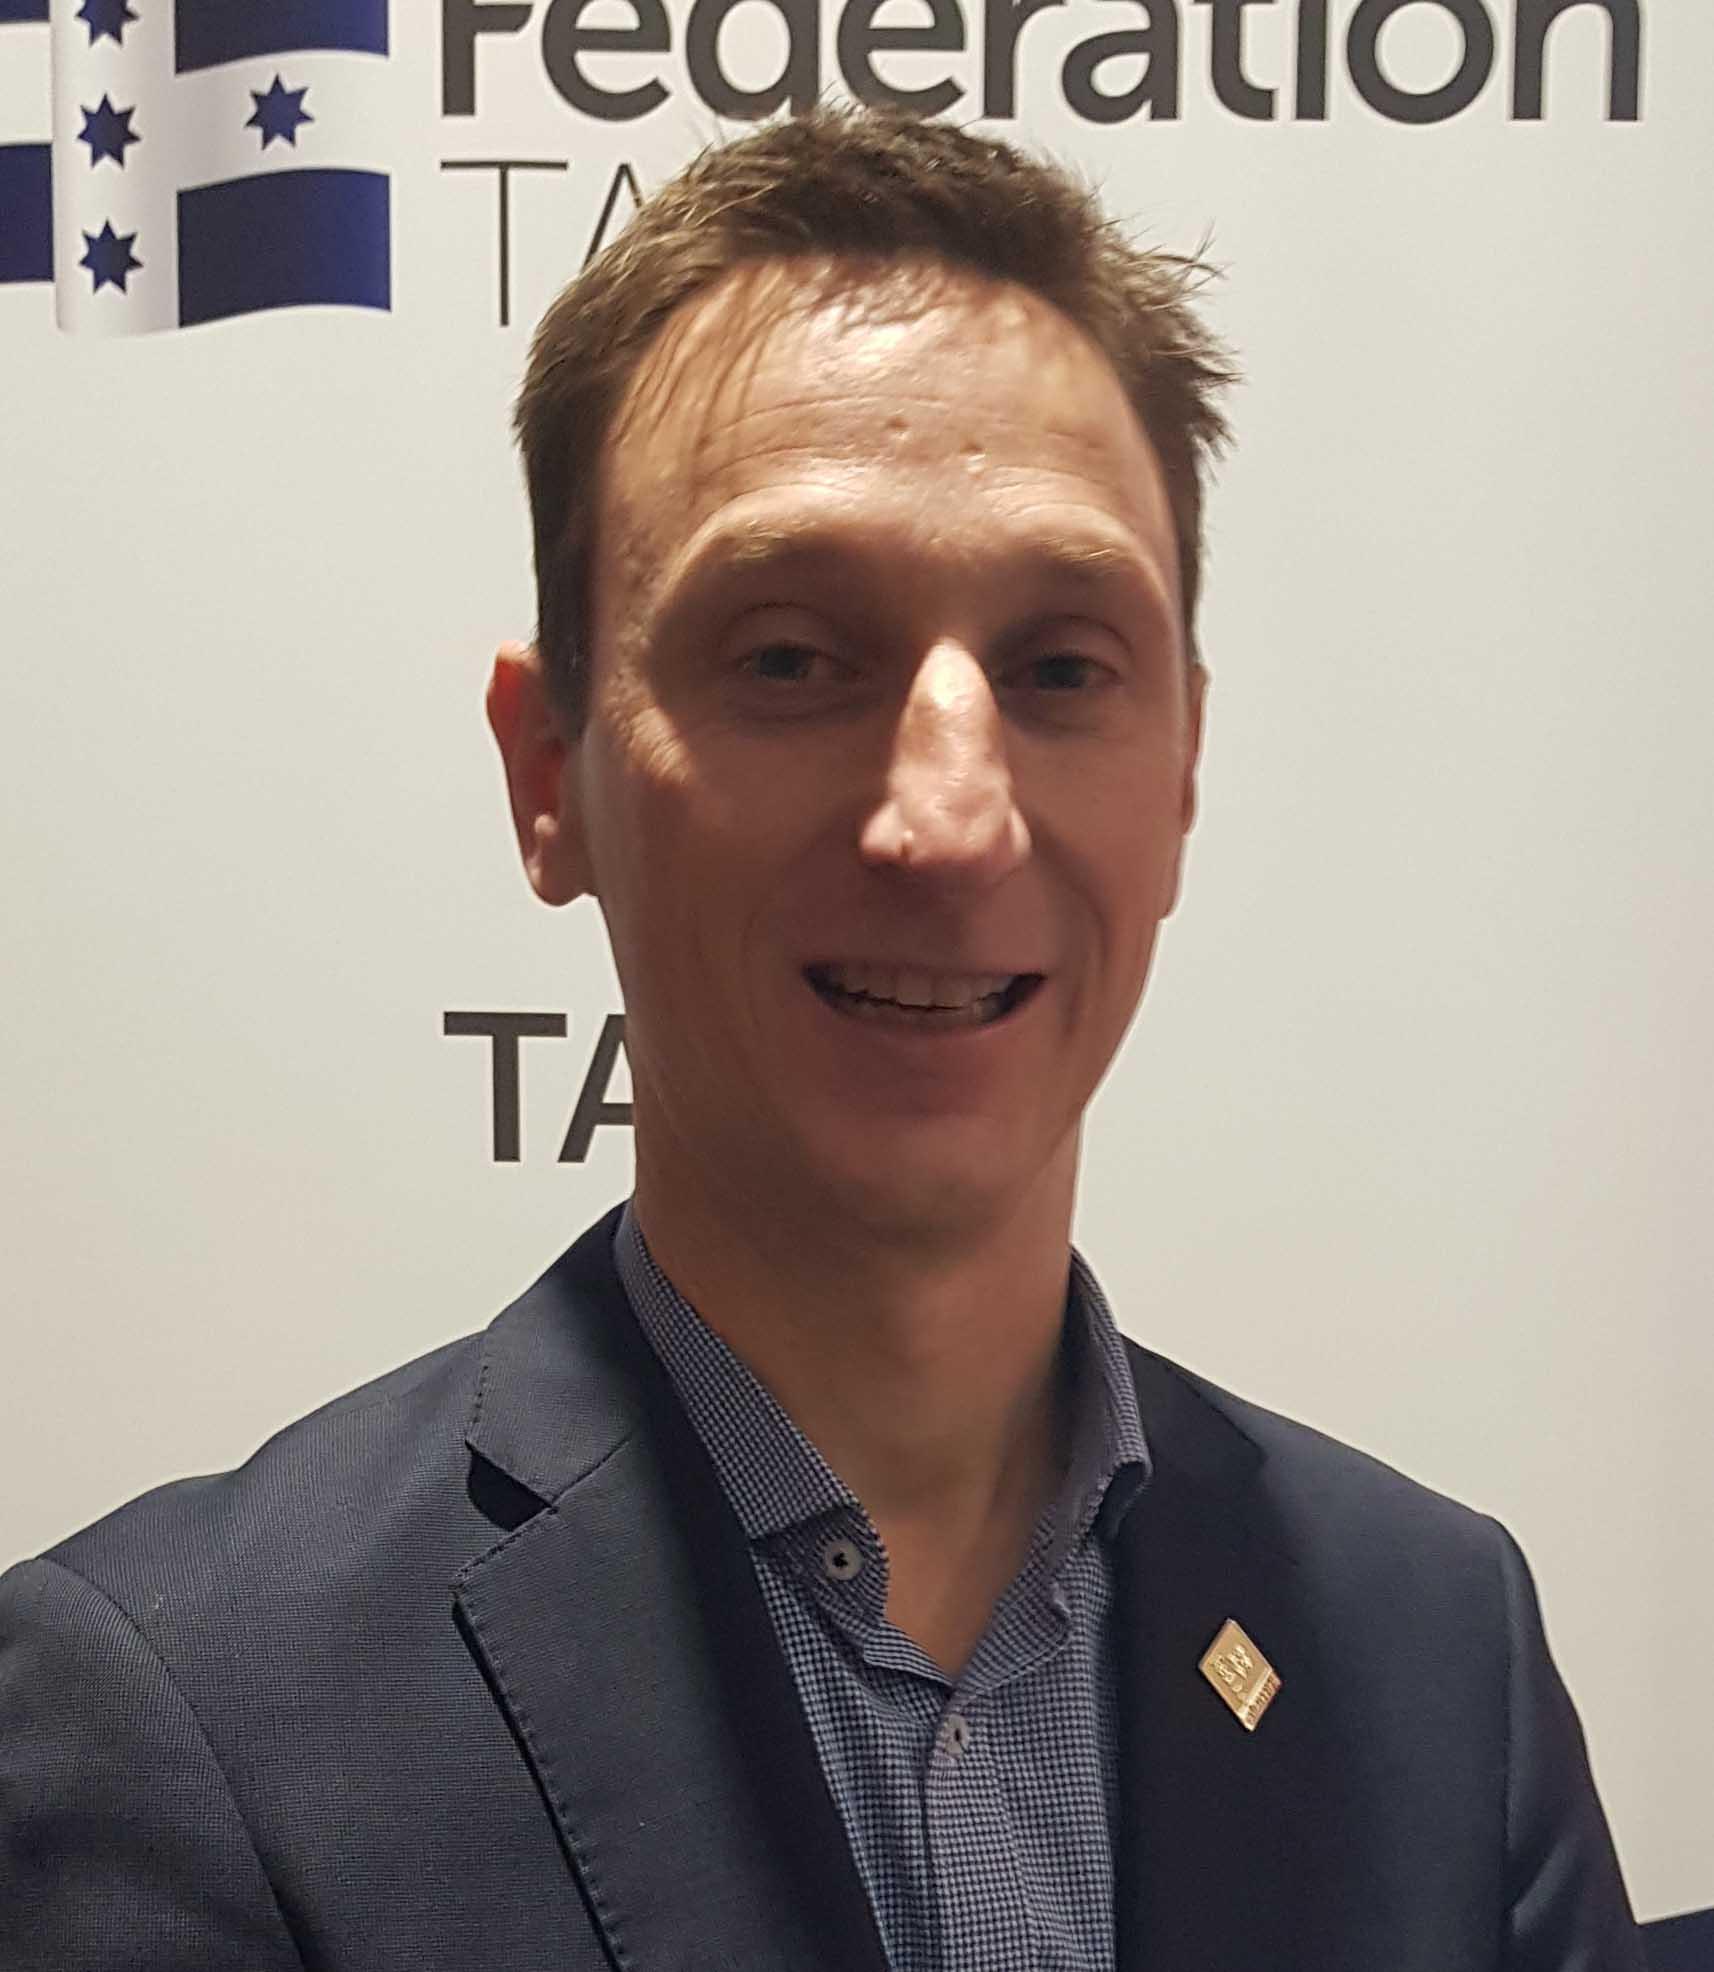 Andrew Henwood, Federation TAFE